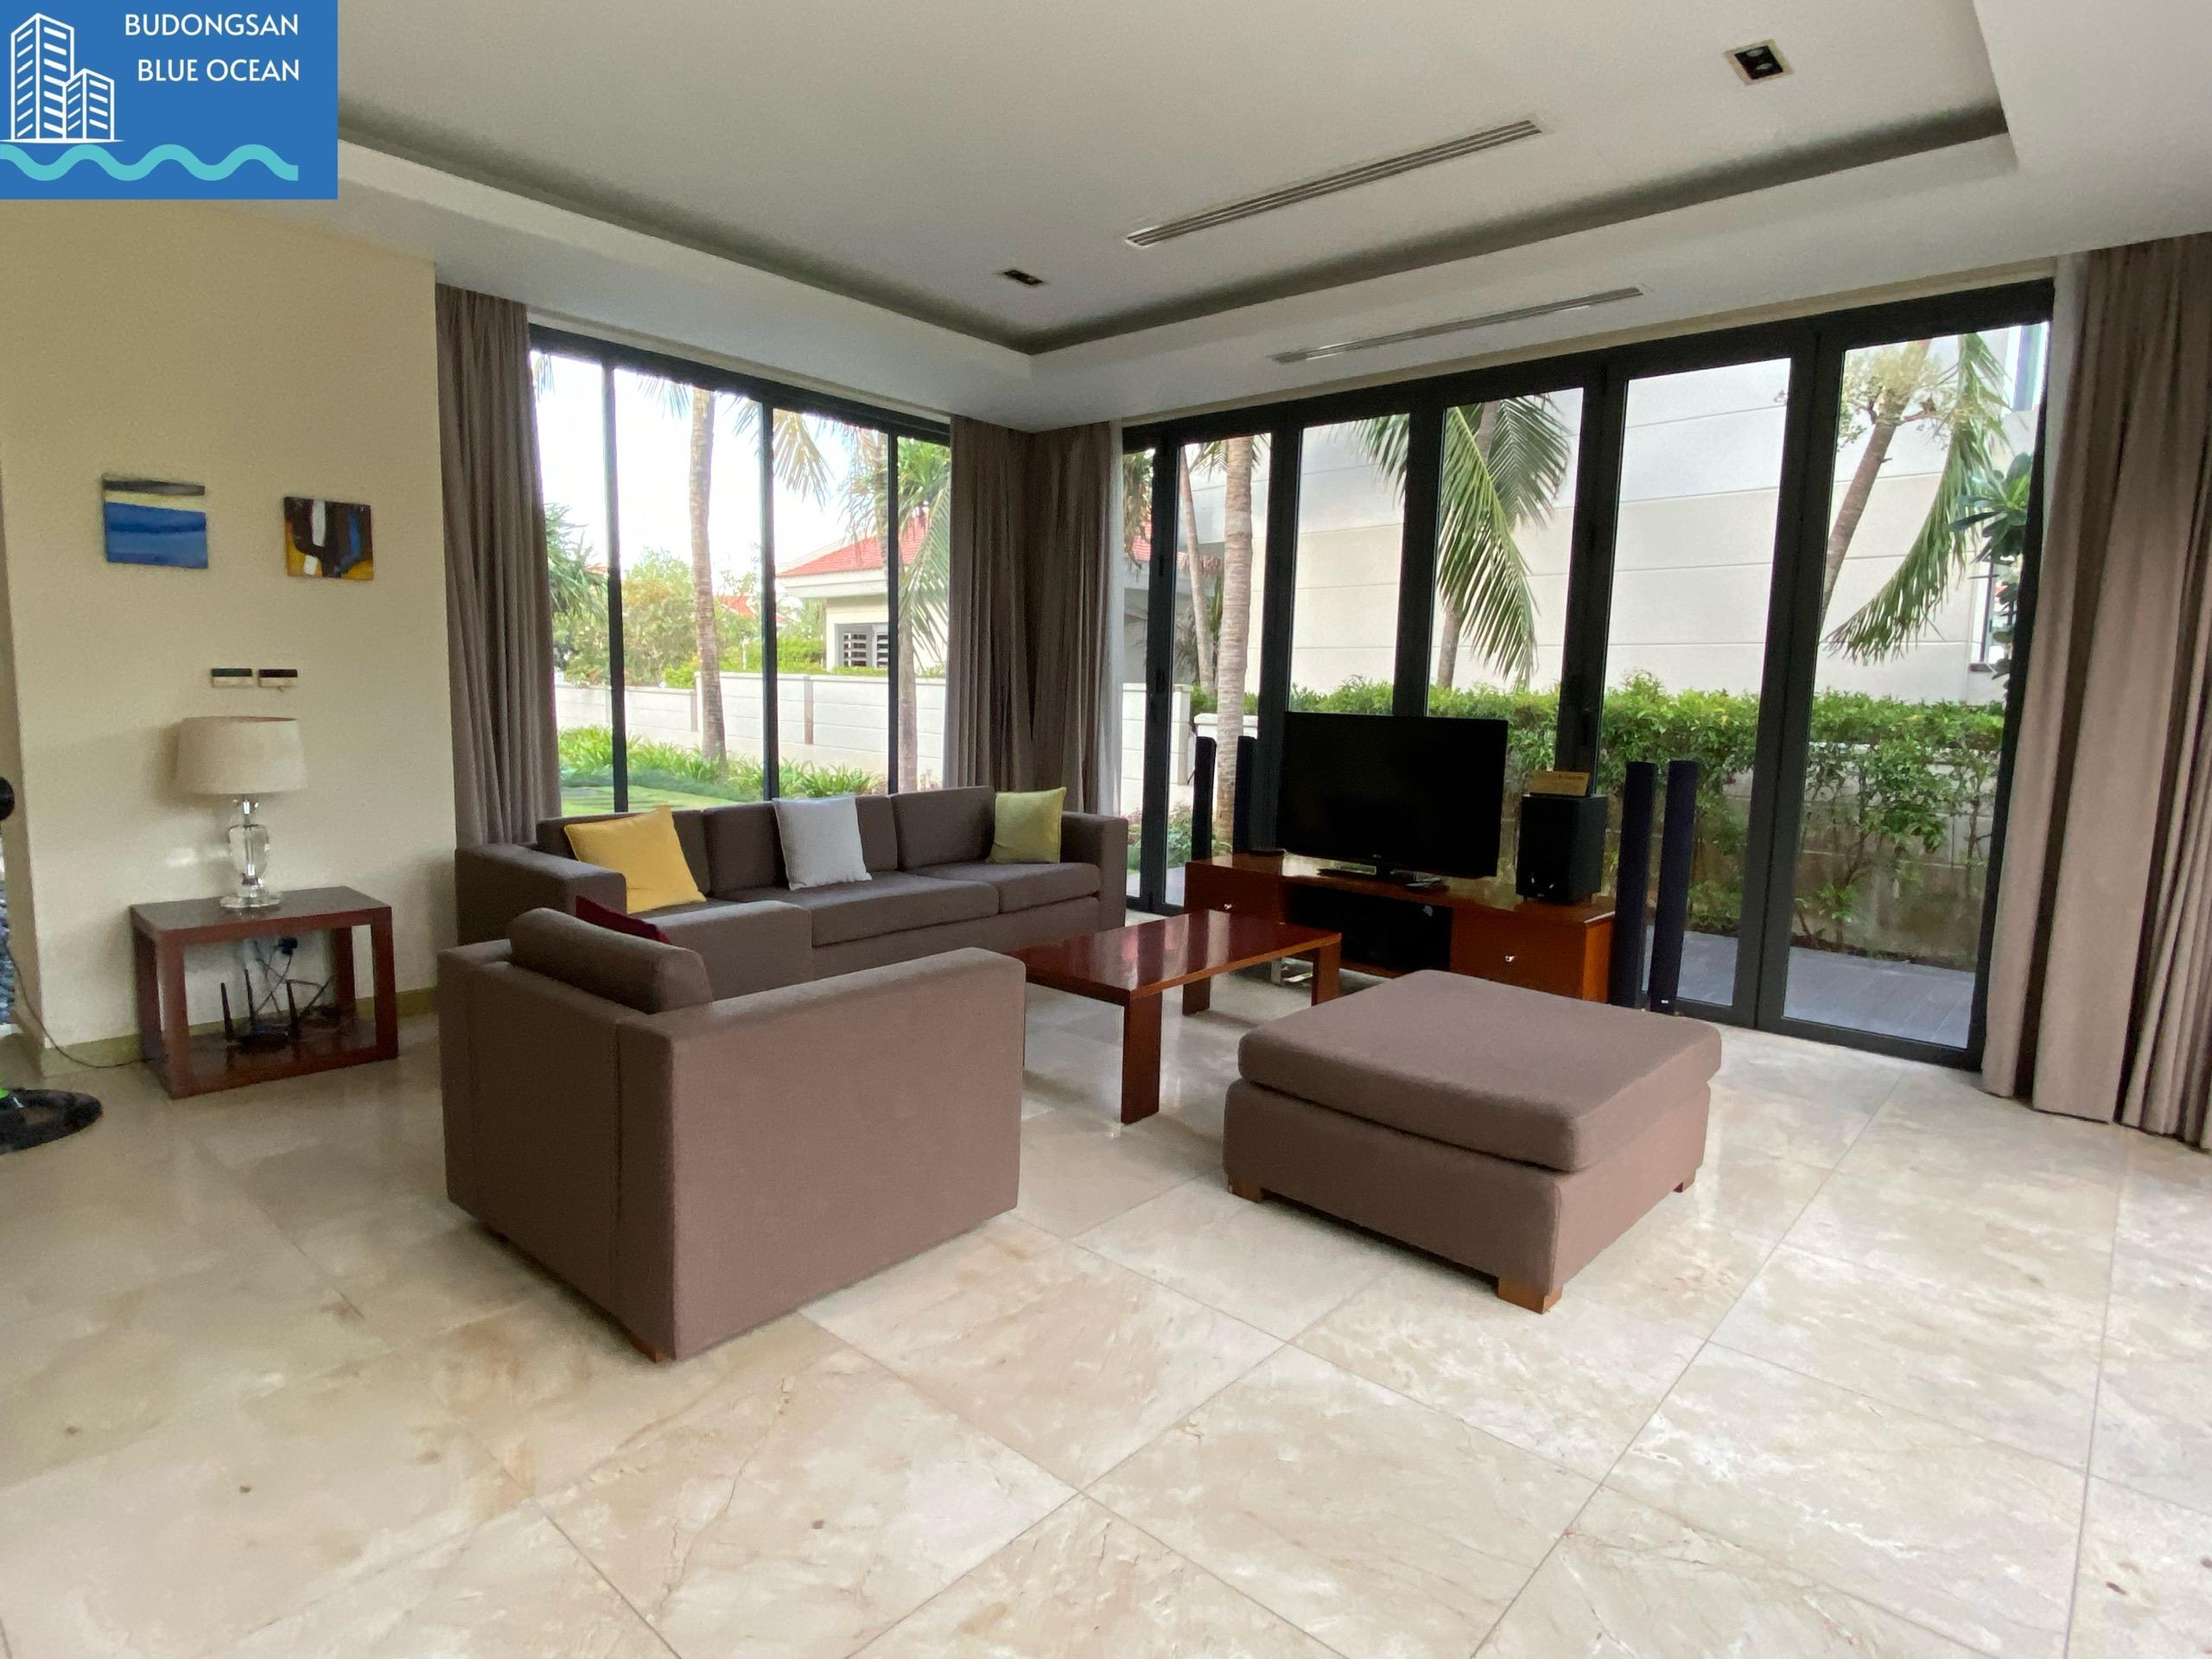 Cho thuê Biệt thự dự án The Ocean Villas, Diện tích 713m², Giá 29.900.000 Triệu/tháng - LH: 0328002428